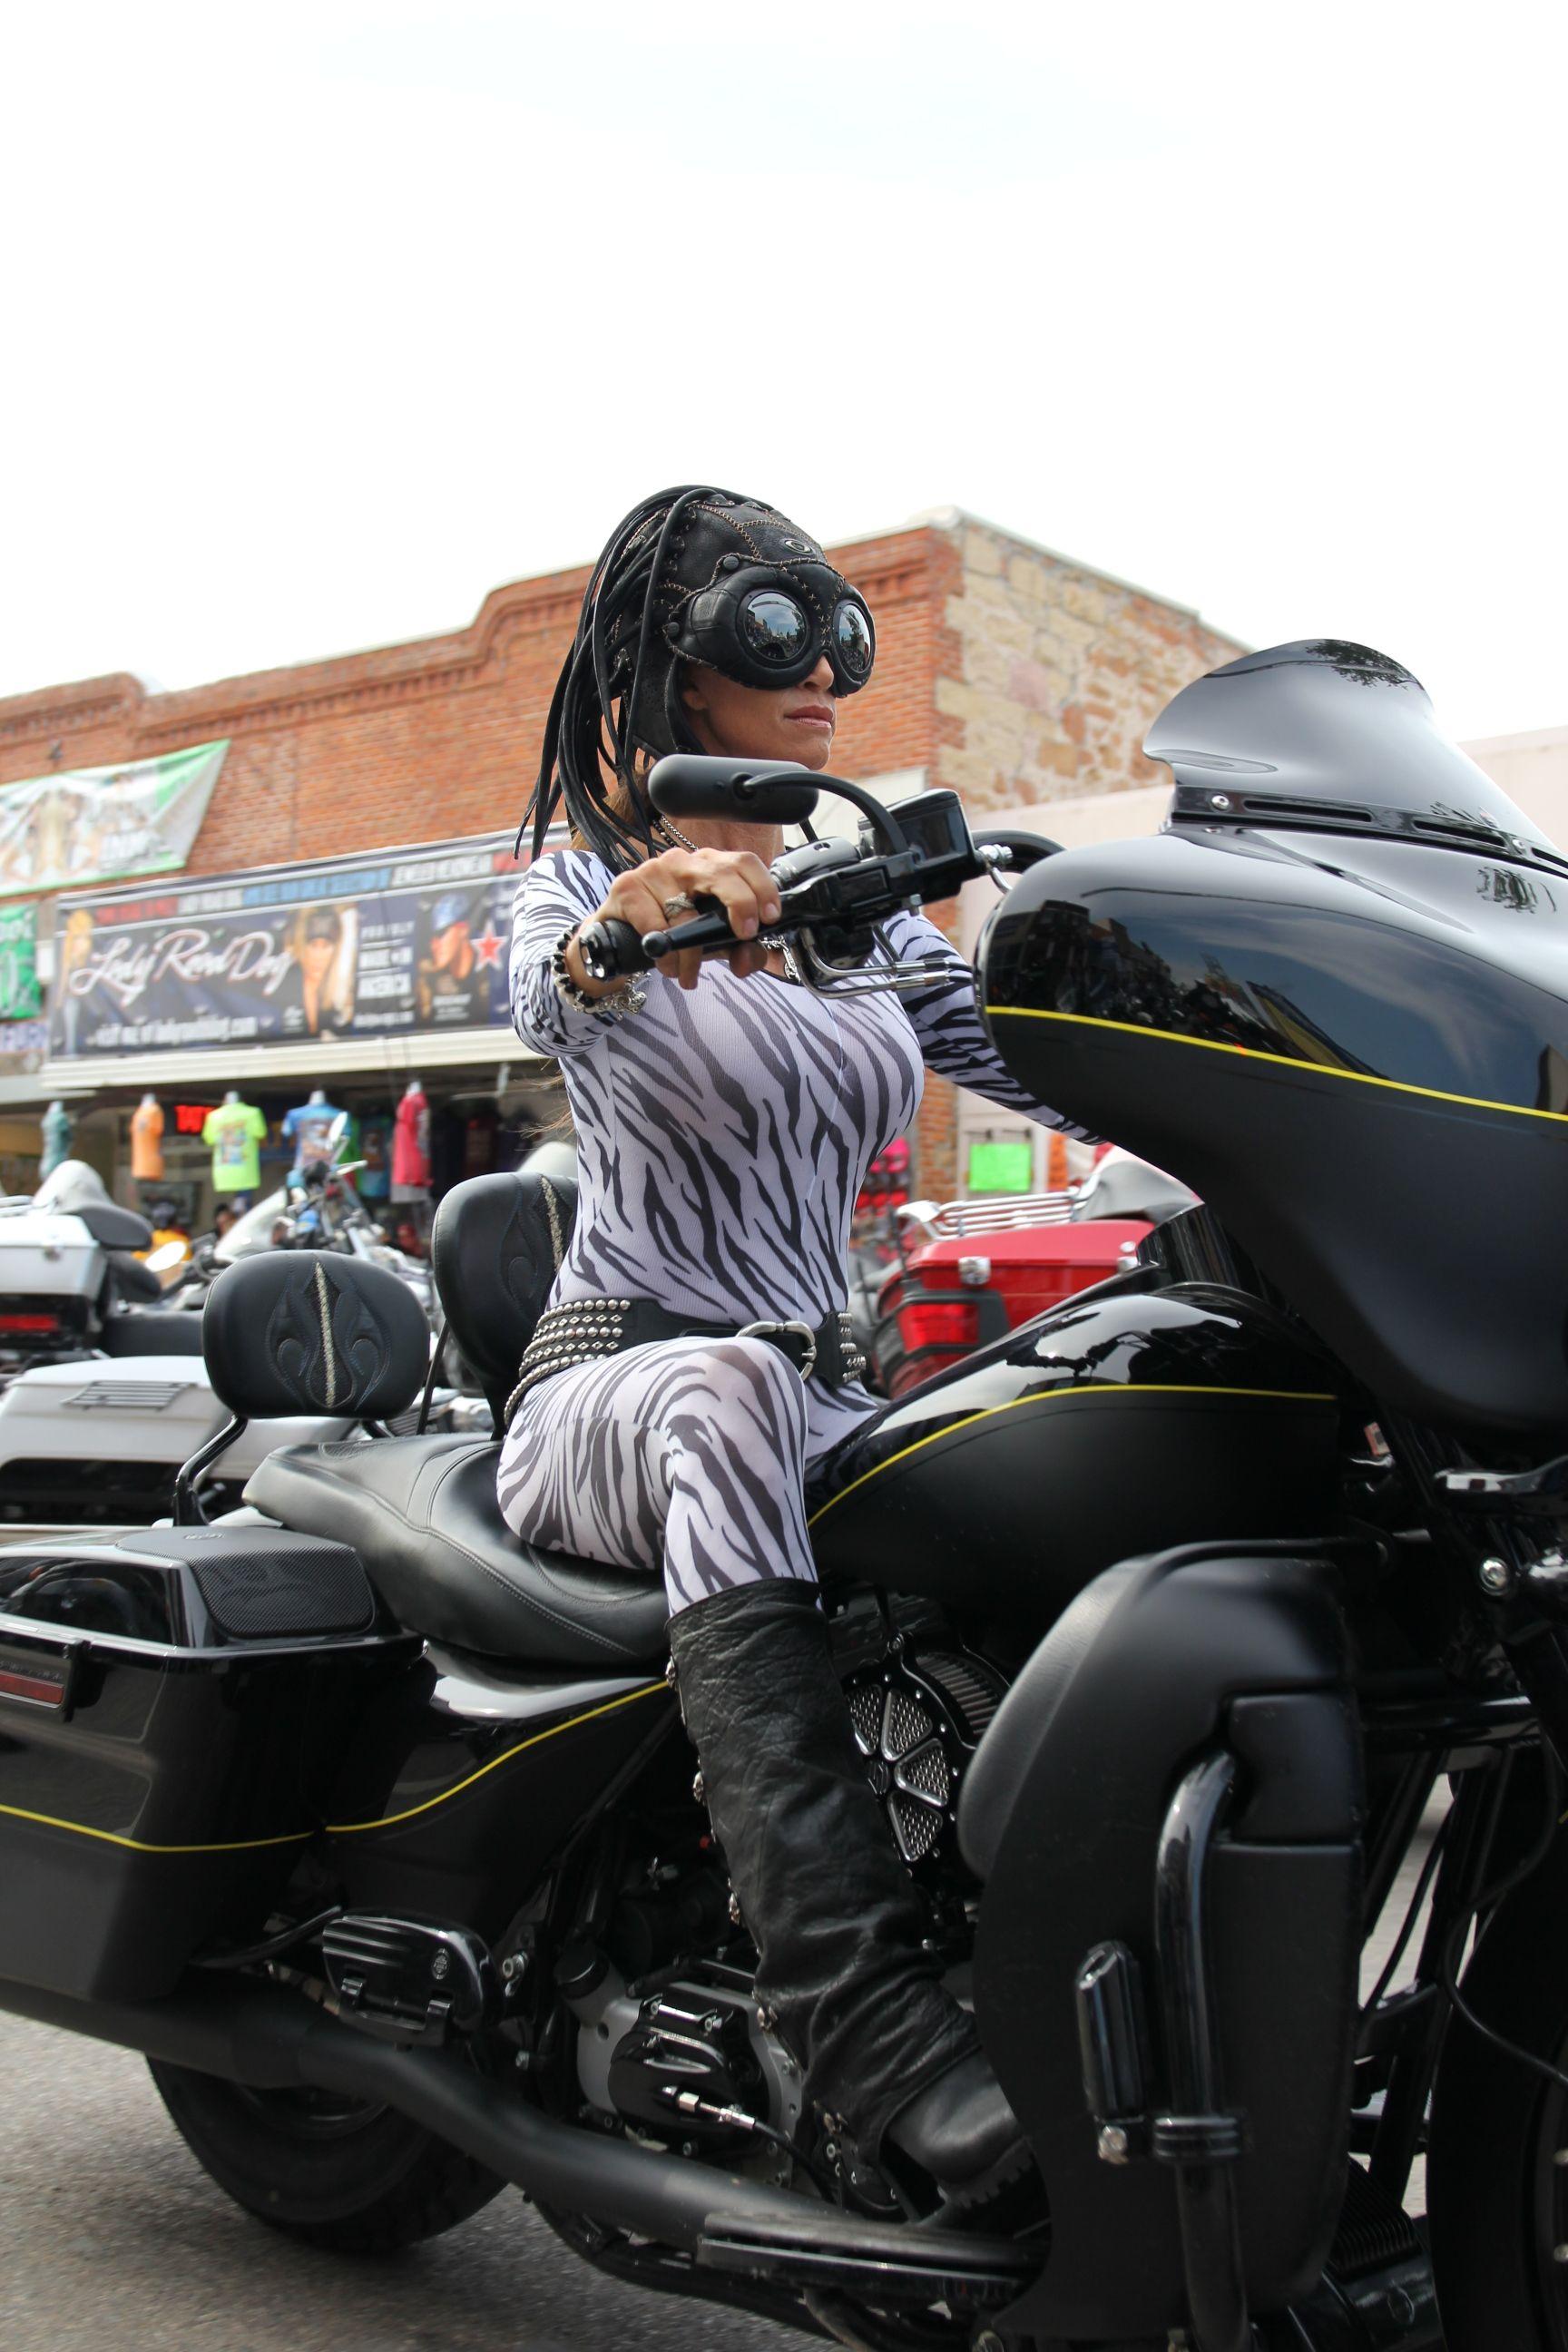 Hot biker Foxy Salt 100